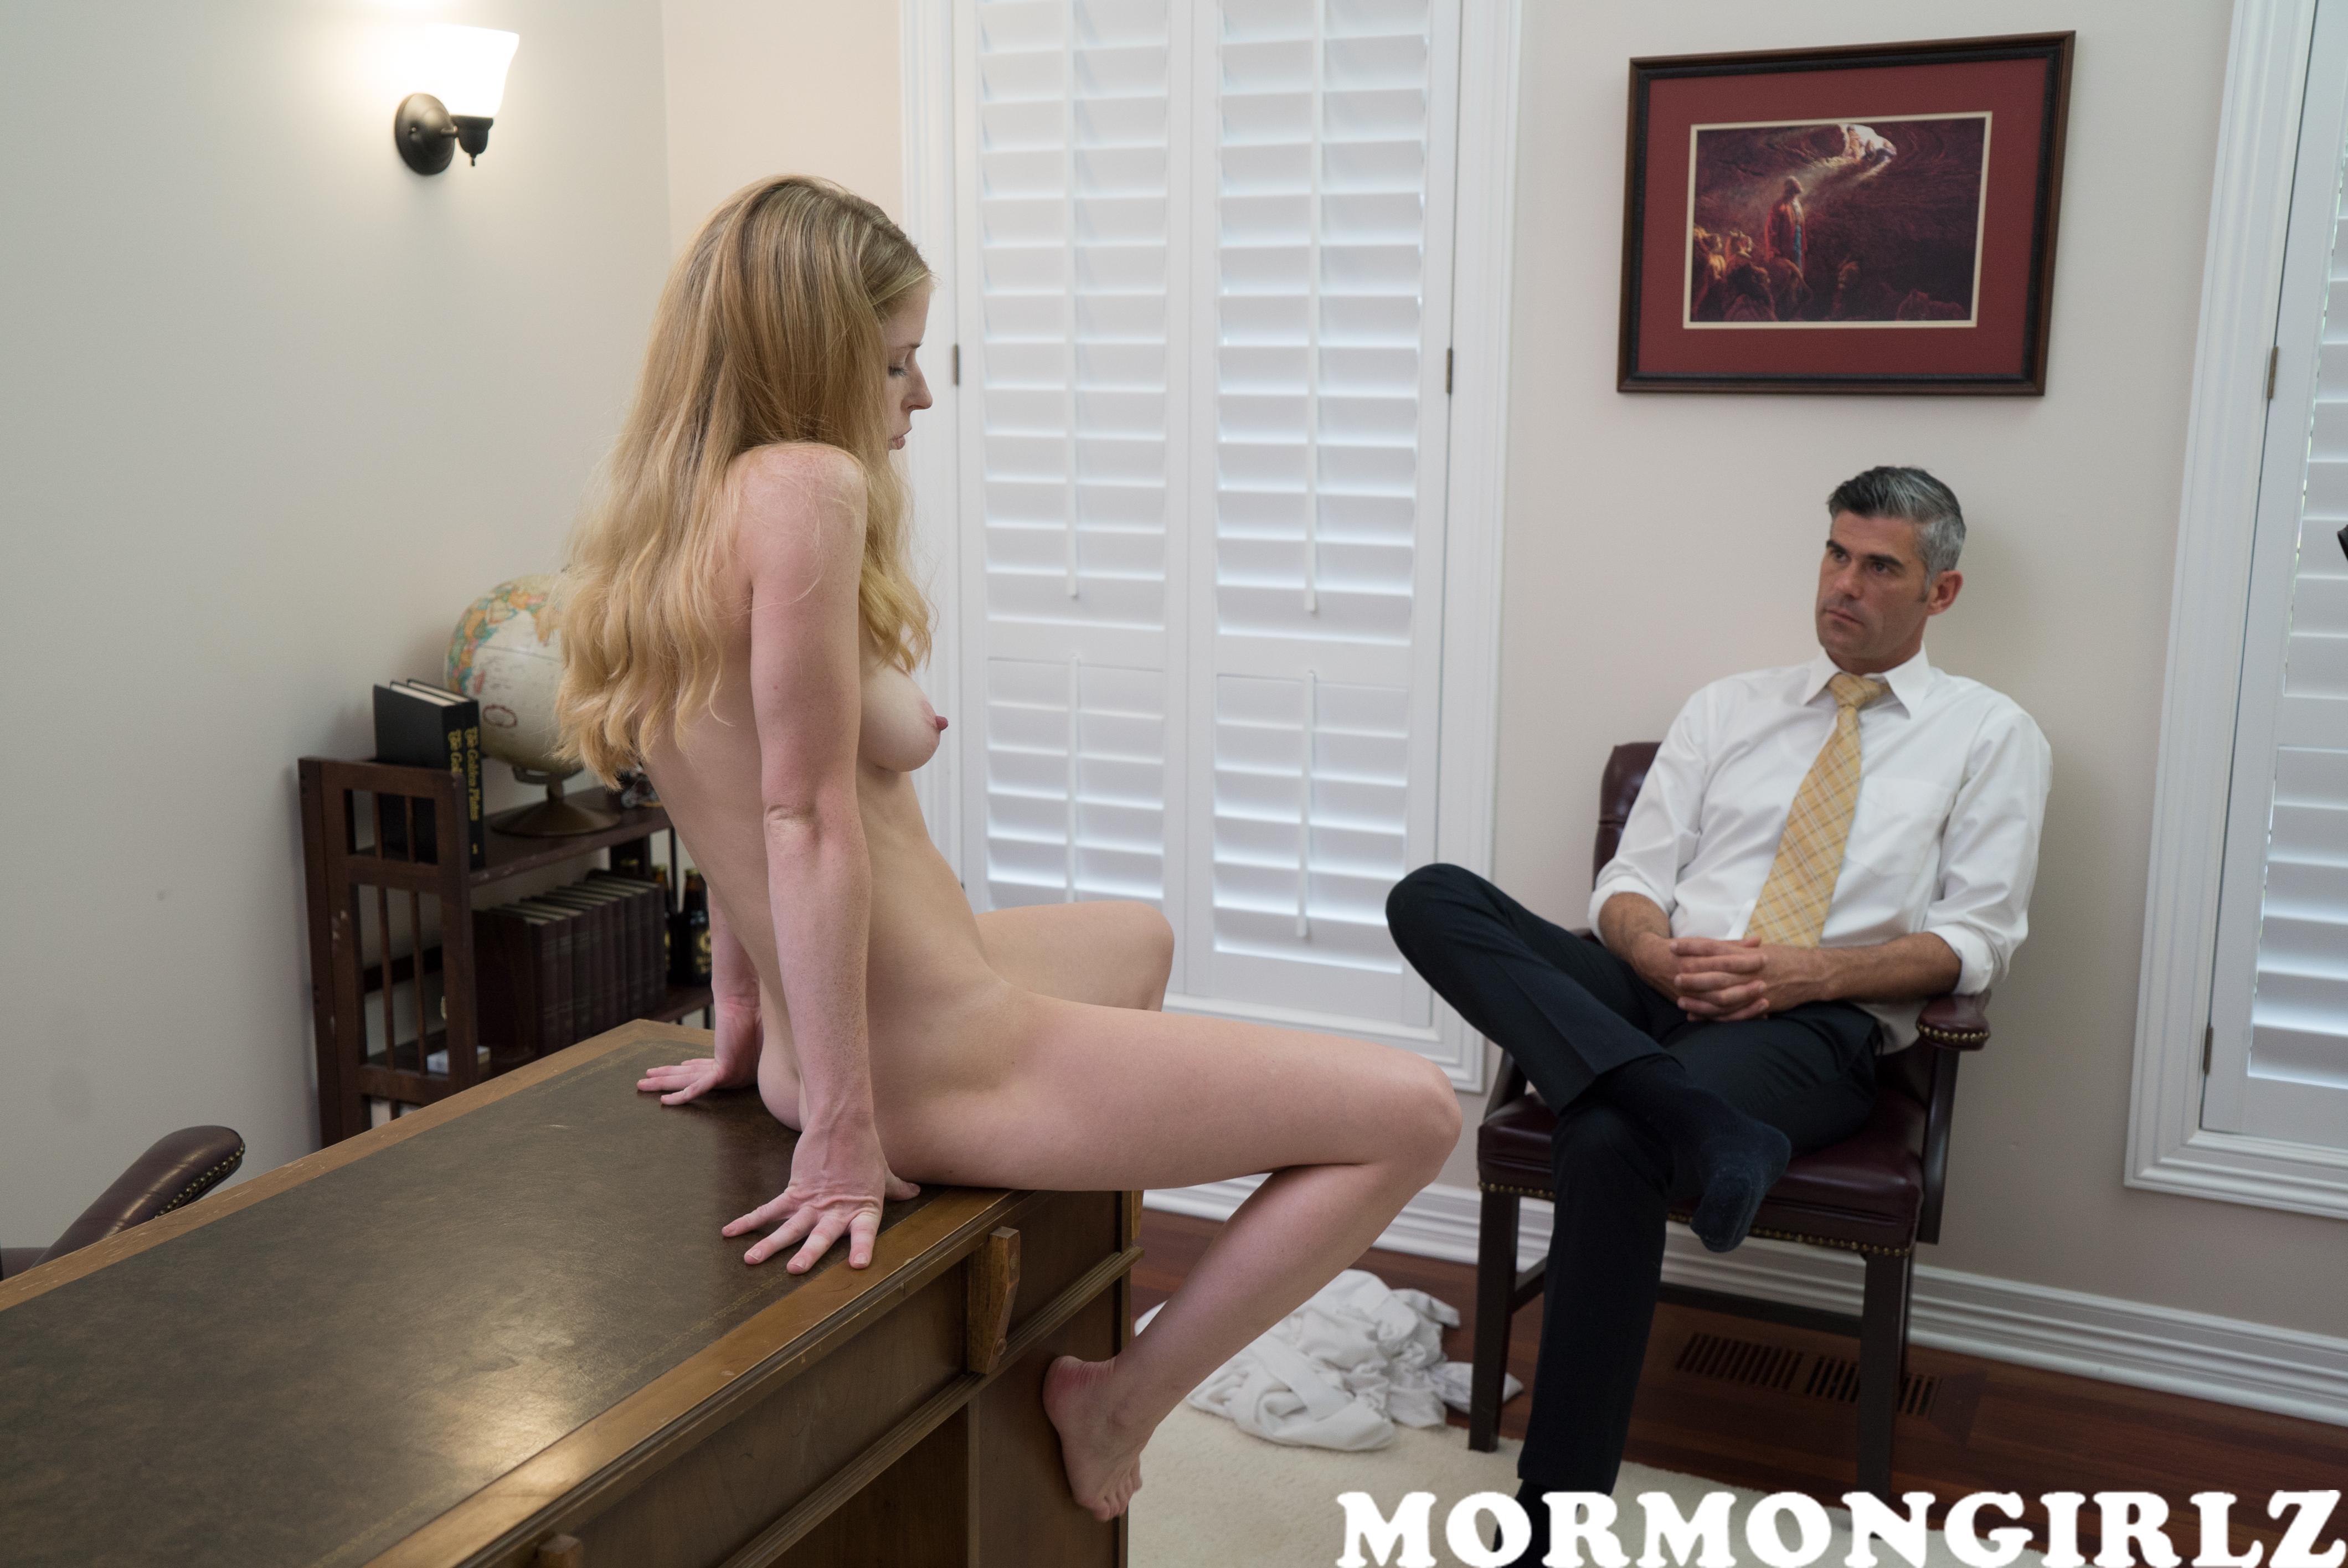 mormongirlz_70a_11